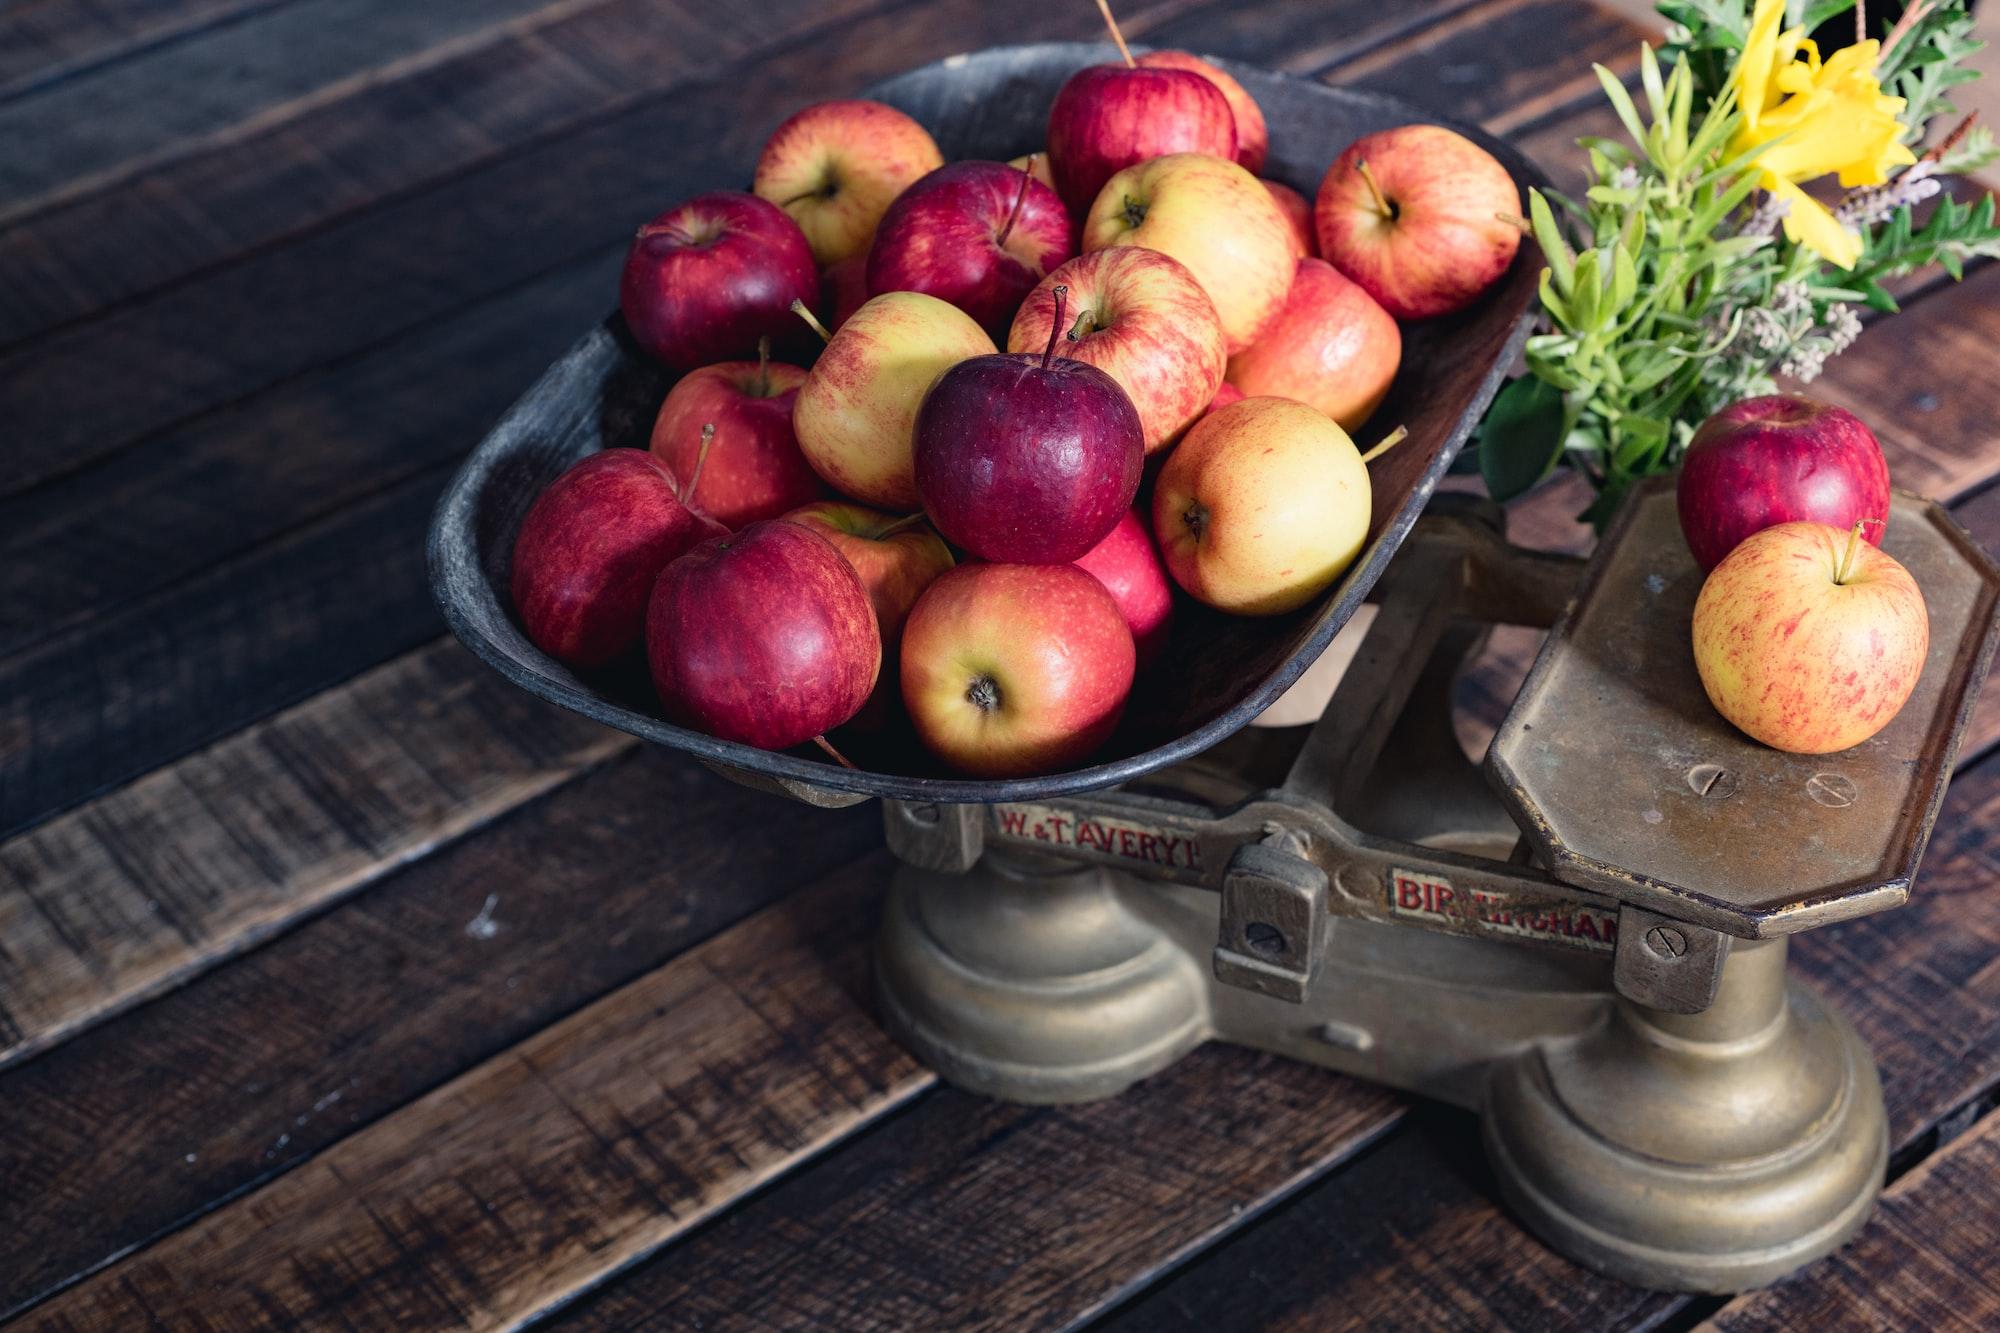 Tasmanian Apples